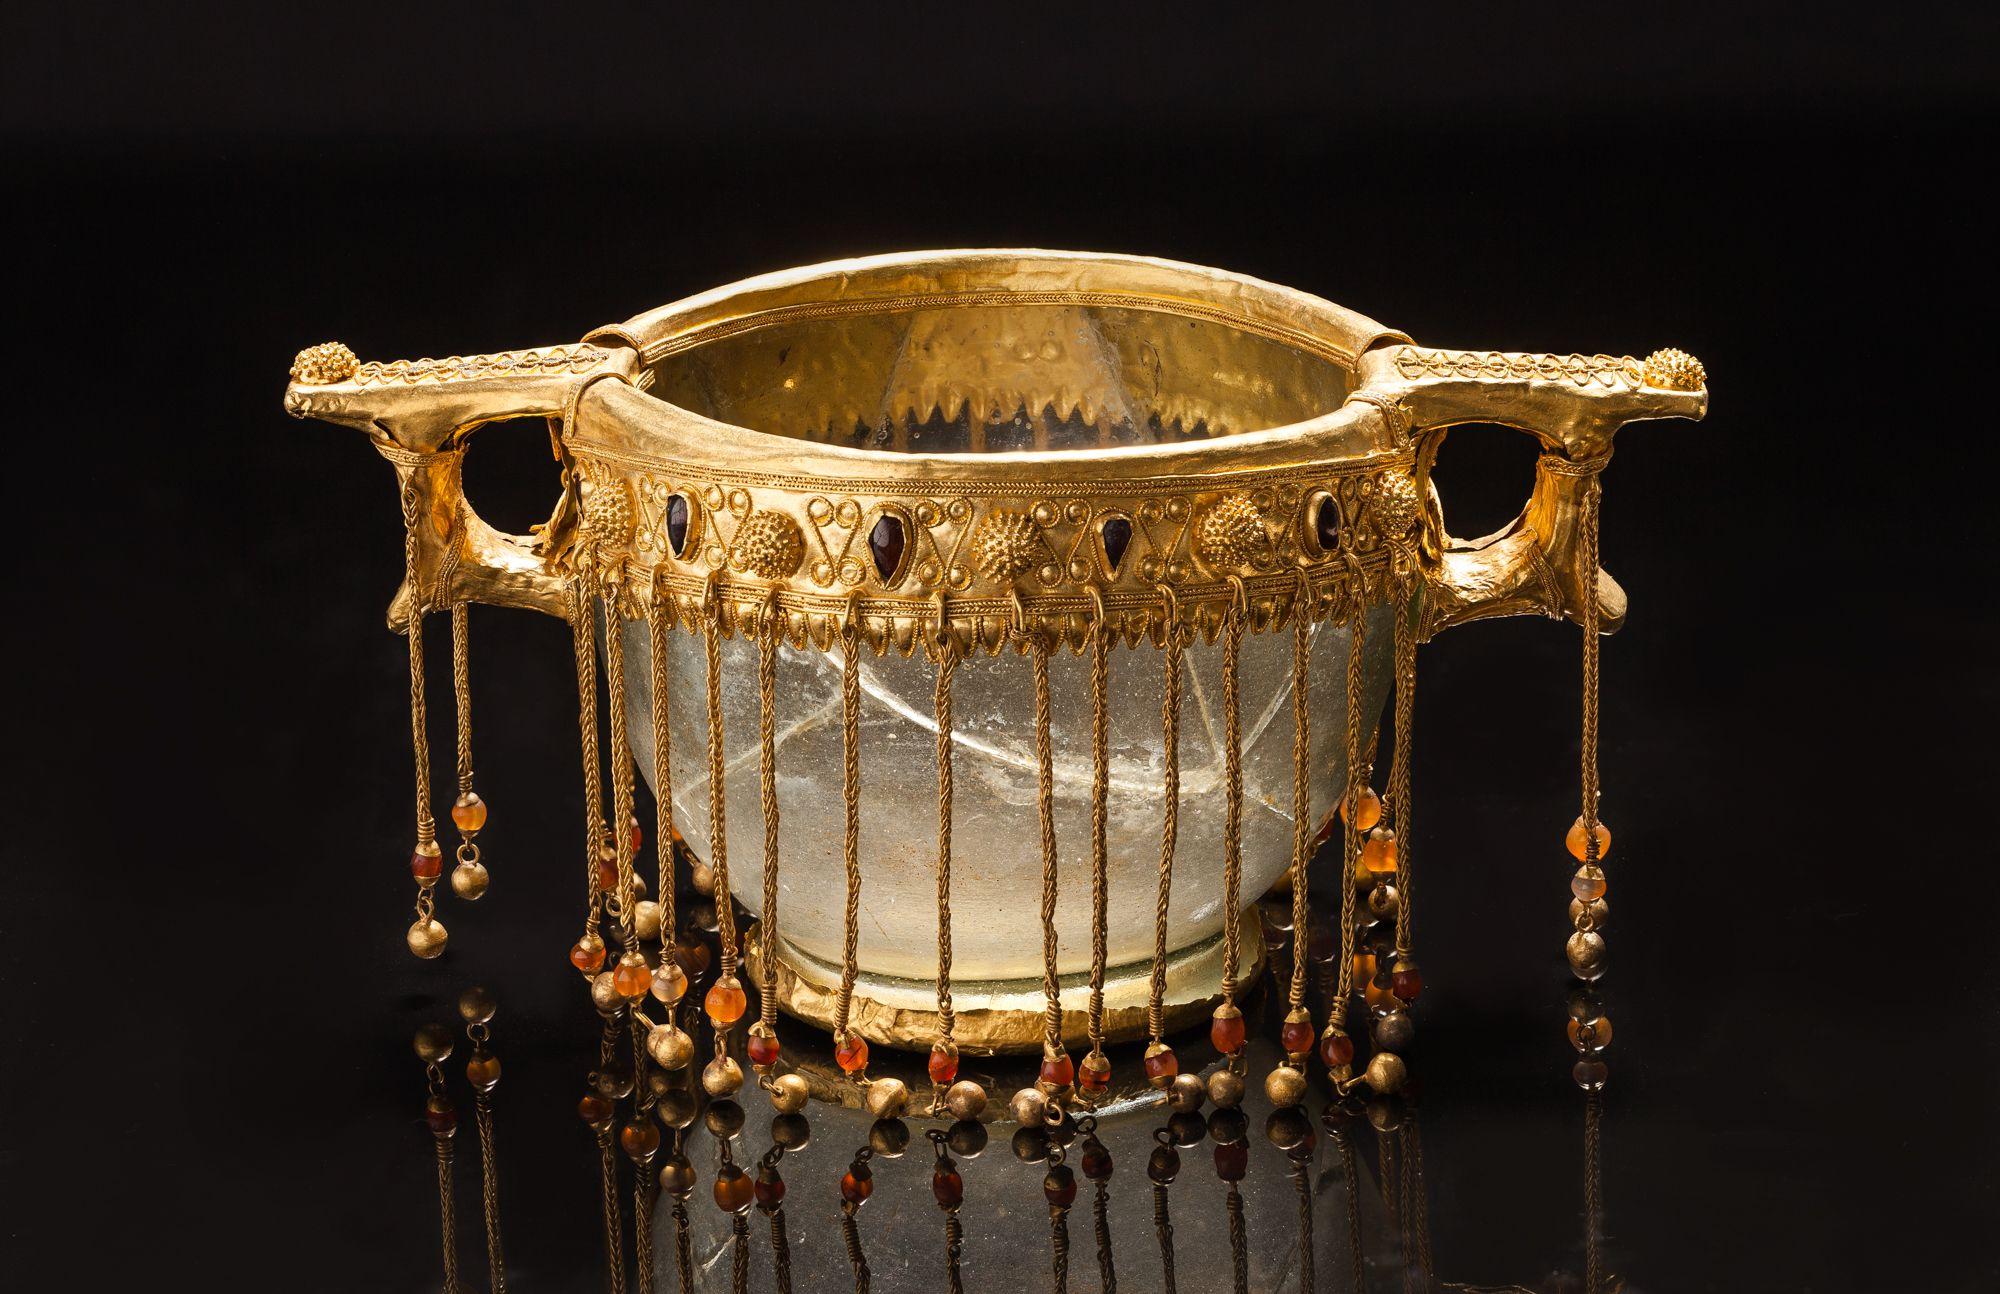 Канфар. Золото, стекло, сердолик, гранаты.  II – первая половина I вв. до н. э. Россия, Кубанская обл., Северский курган.